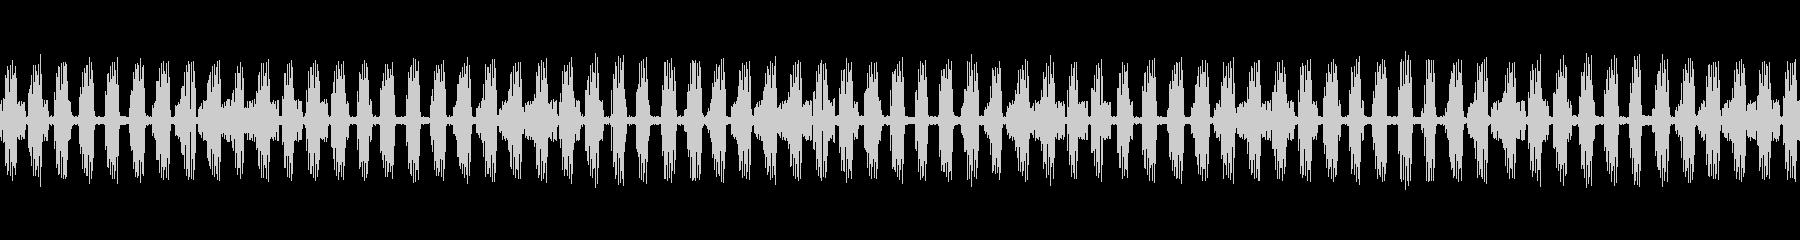 【生録音】秋の虫たちが鳴く音2 ループの未再生の波形